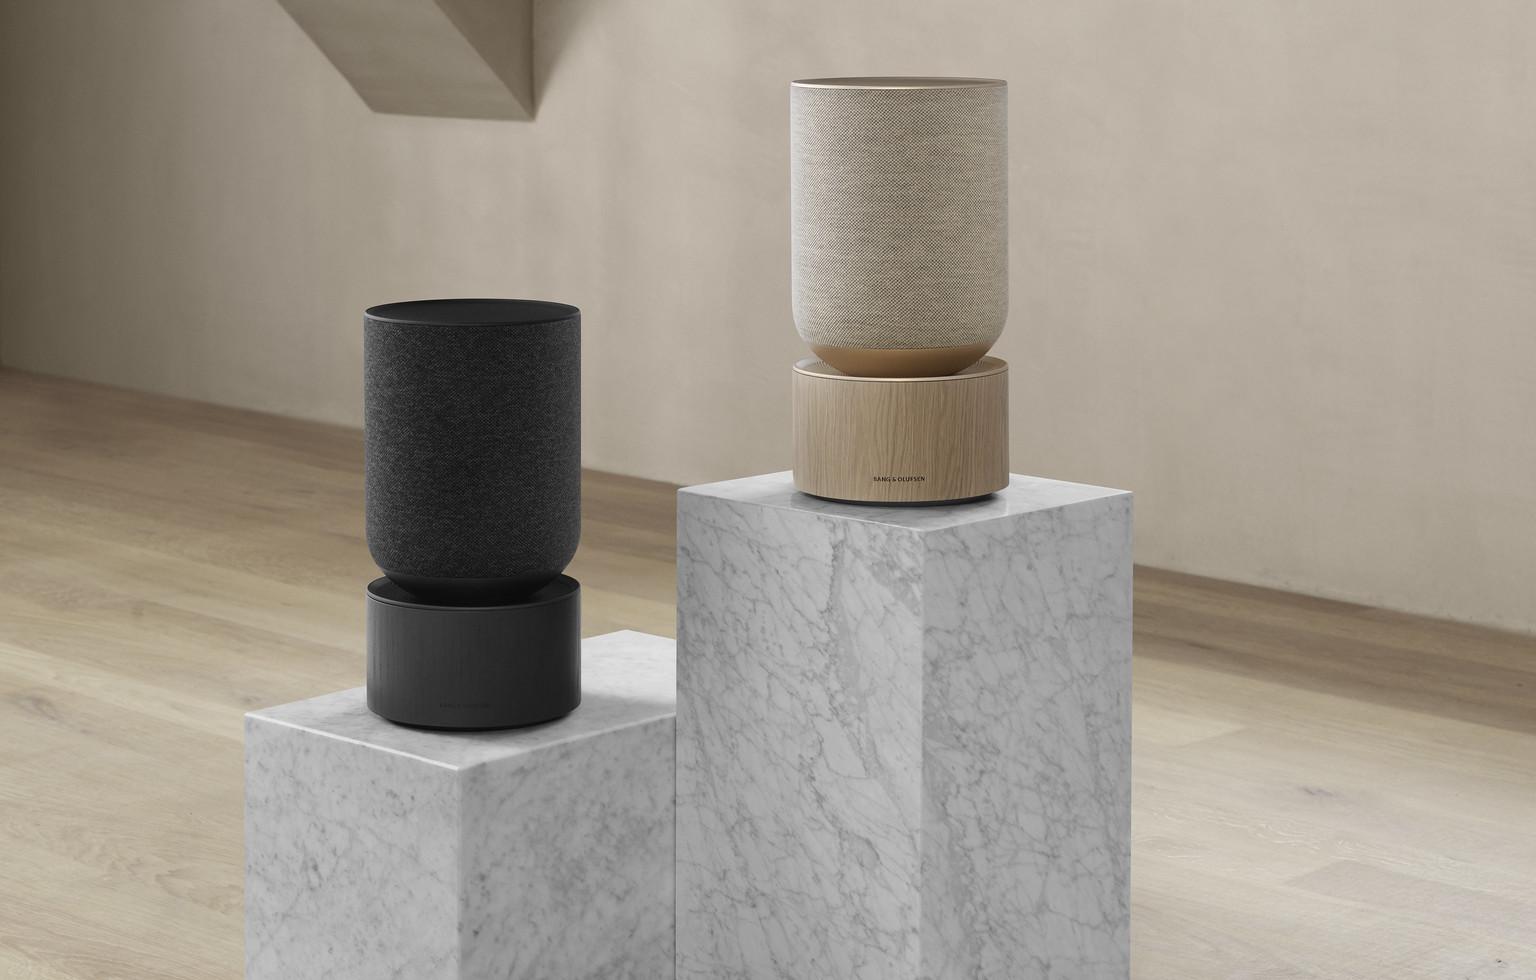 Bang & Olufsen、インテリアと調和するホームスピーカー発売